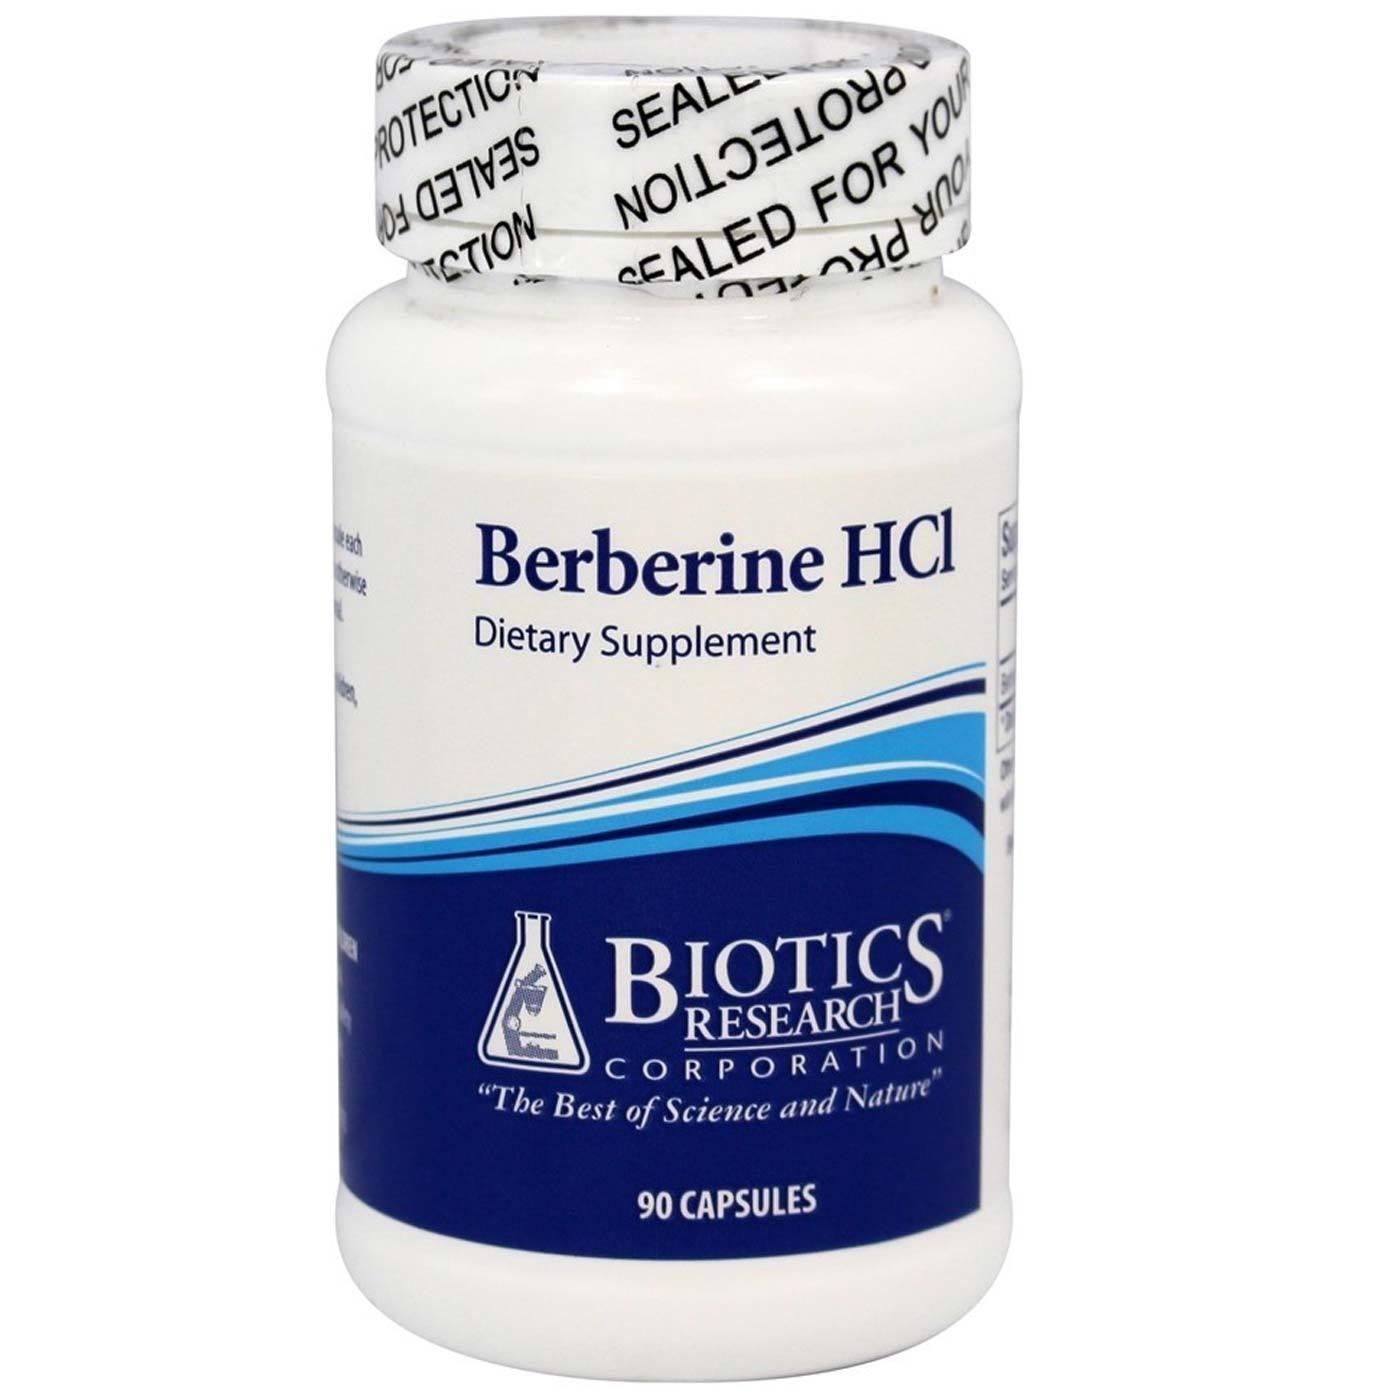 Biotics Research Berberine HCl 500 mg - 90 Capsules